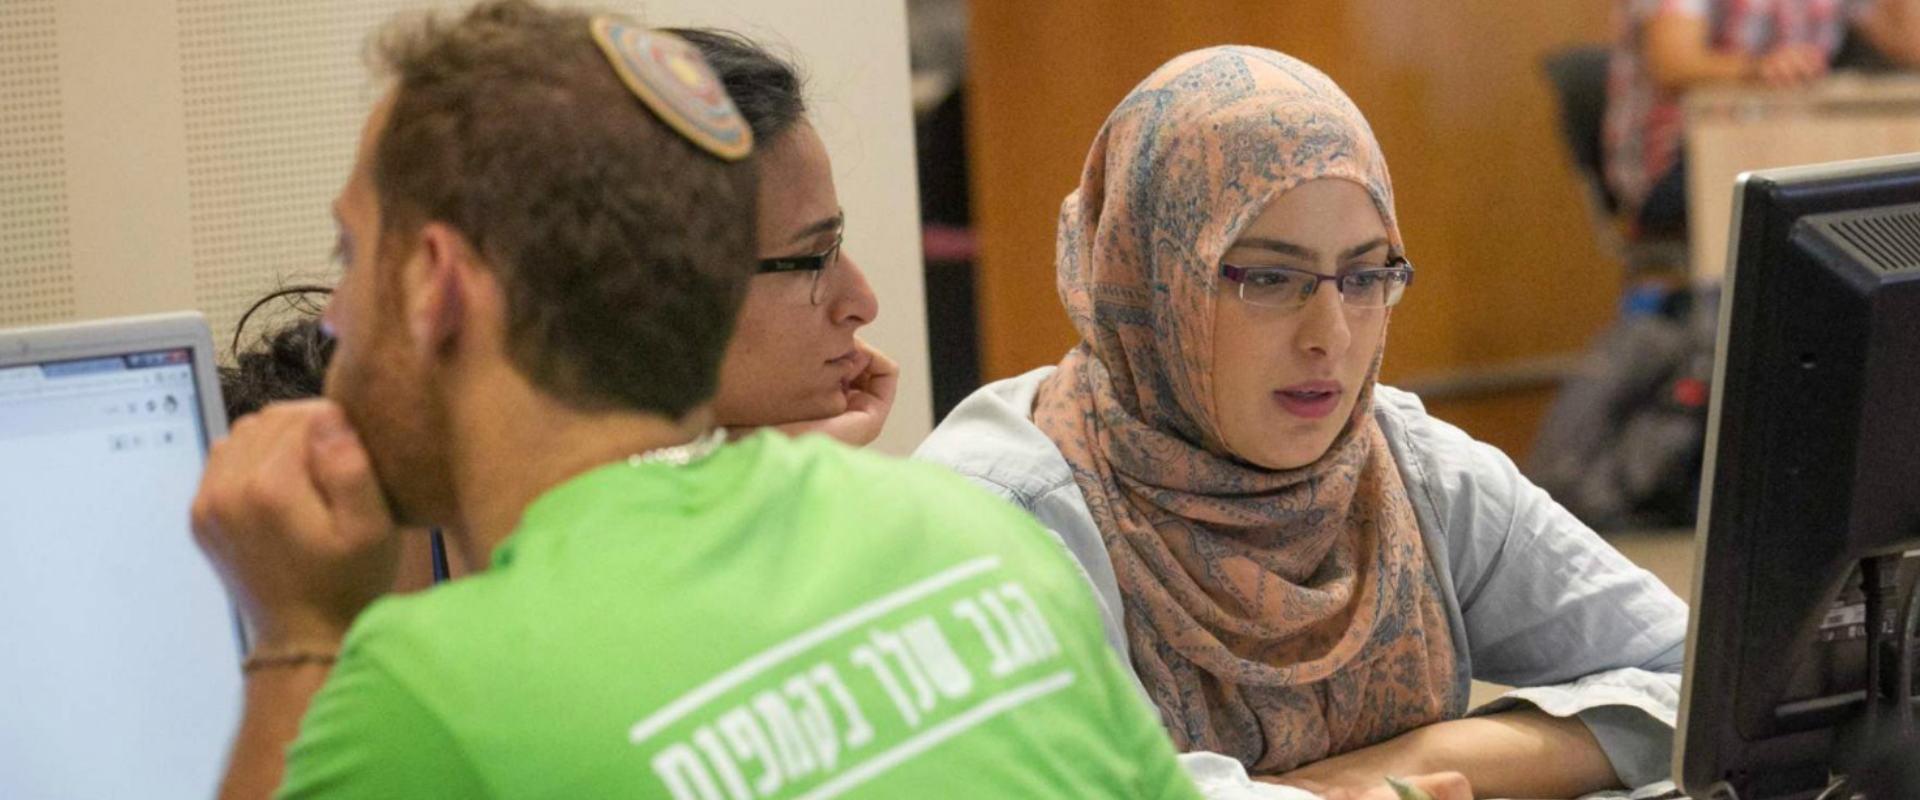 סטודנטים באוניברסיטה העברית בירושלים